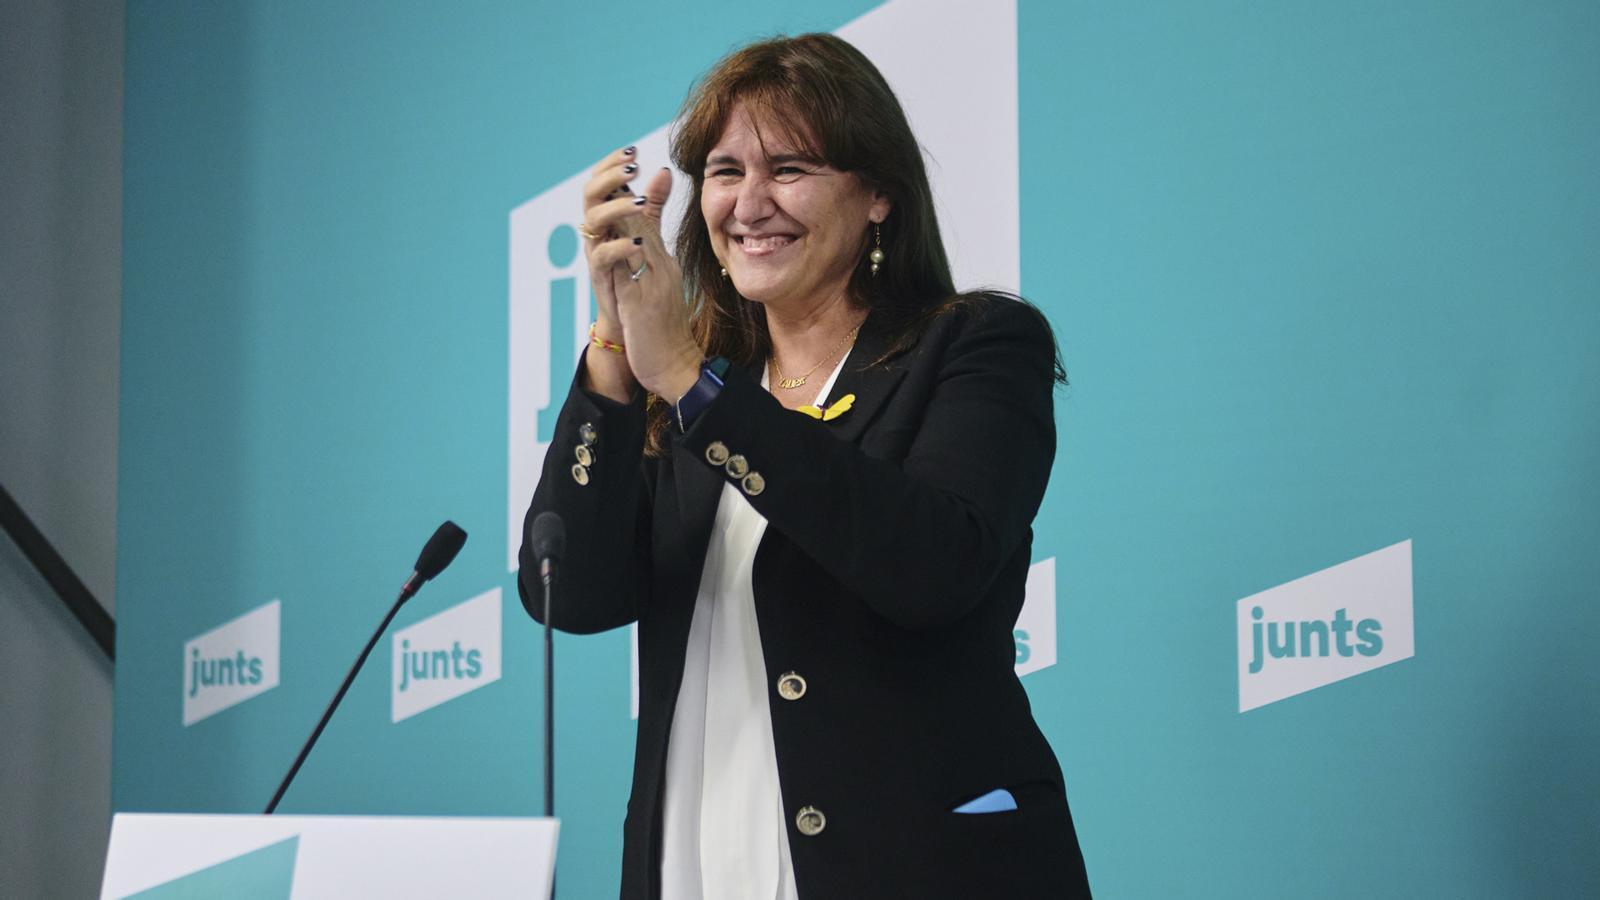 L'anàlisi d'Antoni Bassas: Laura Borràs i els «nítidament independentistes»